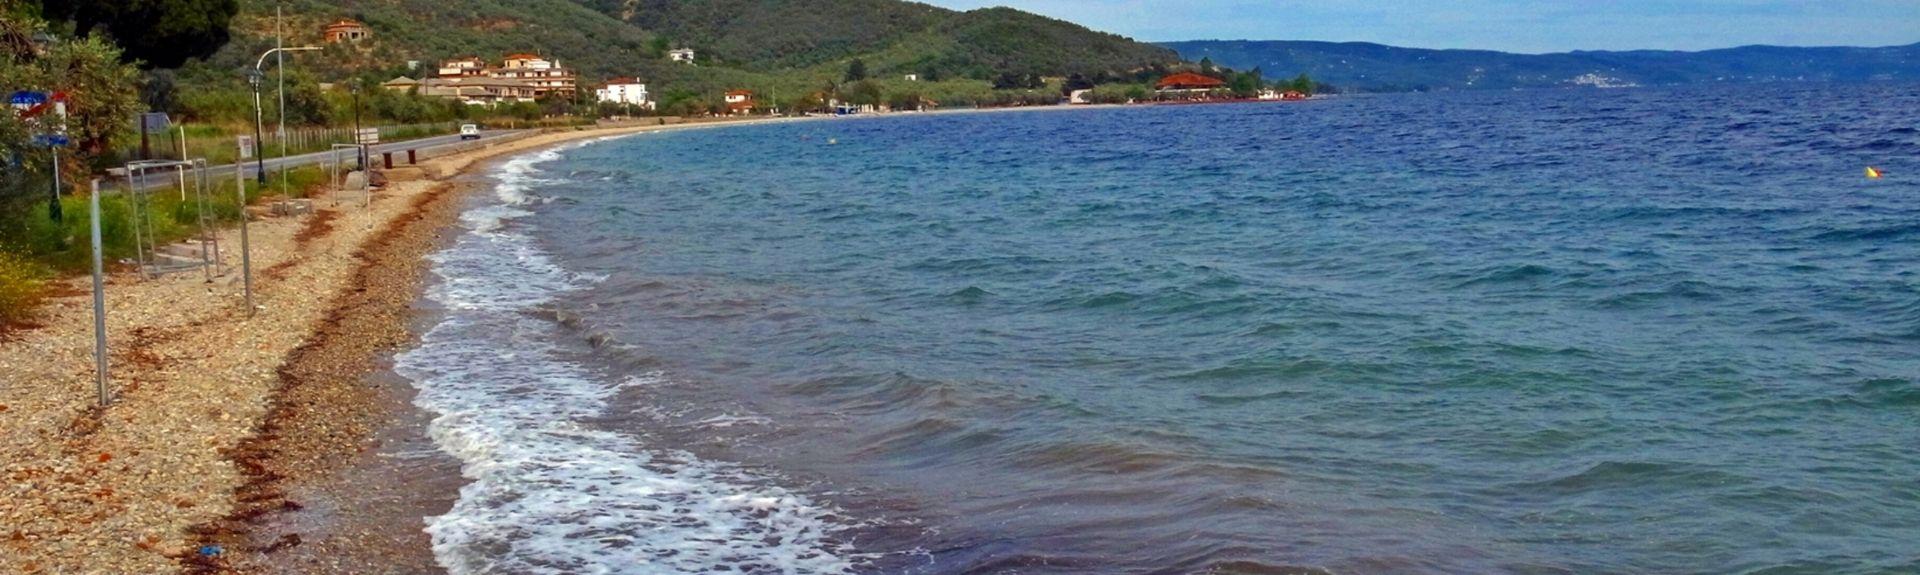 Παραλία Νταμουχάρης, Μούρεσι, Θεσσαλία Στερεά Ελλάδα, Ελλάδα